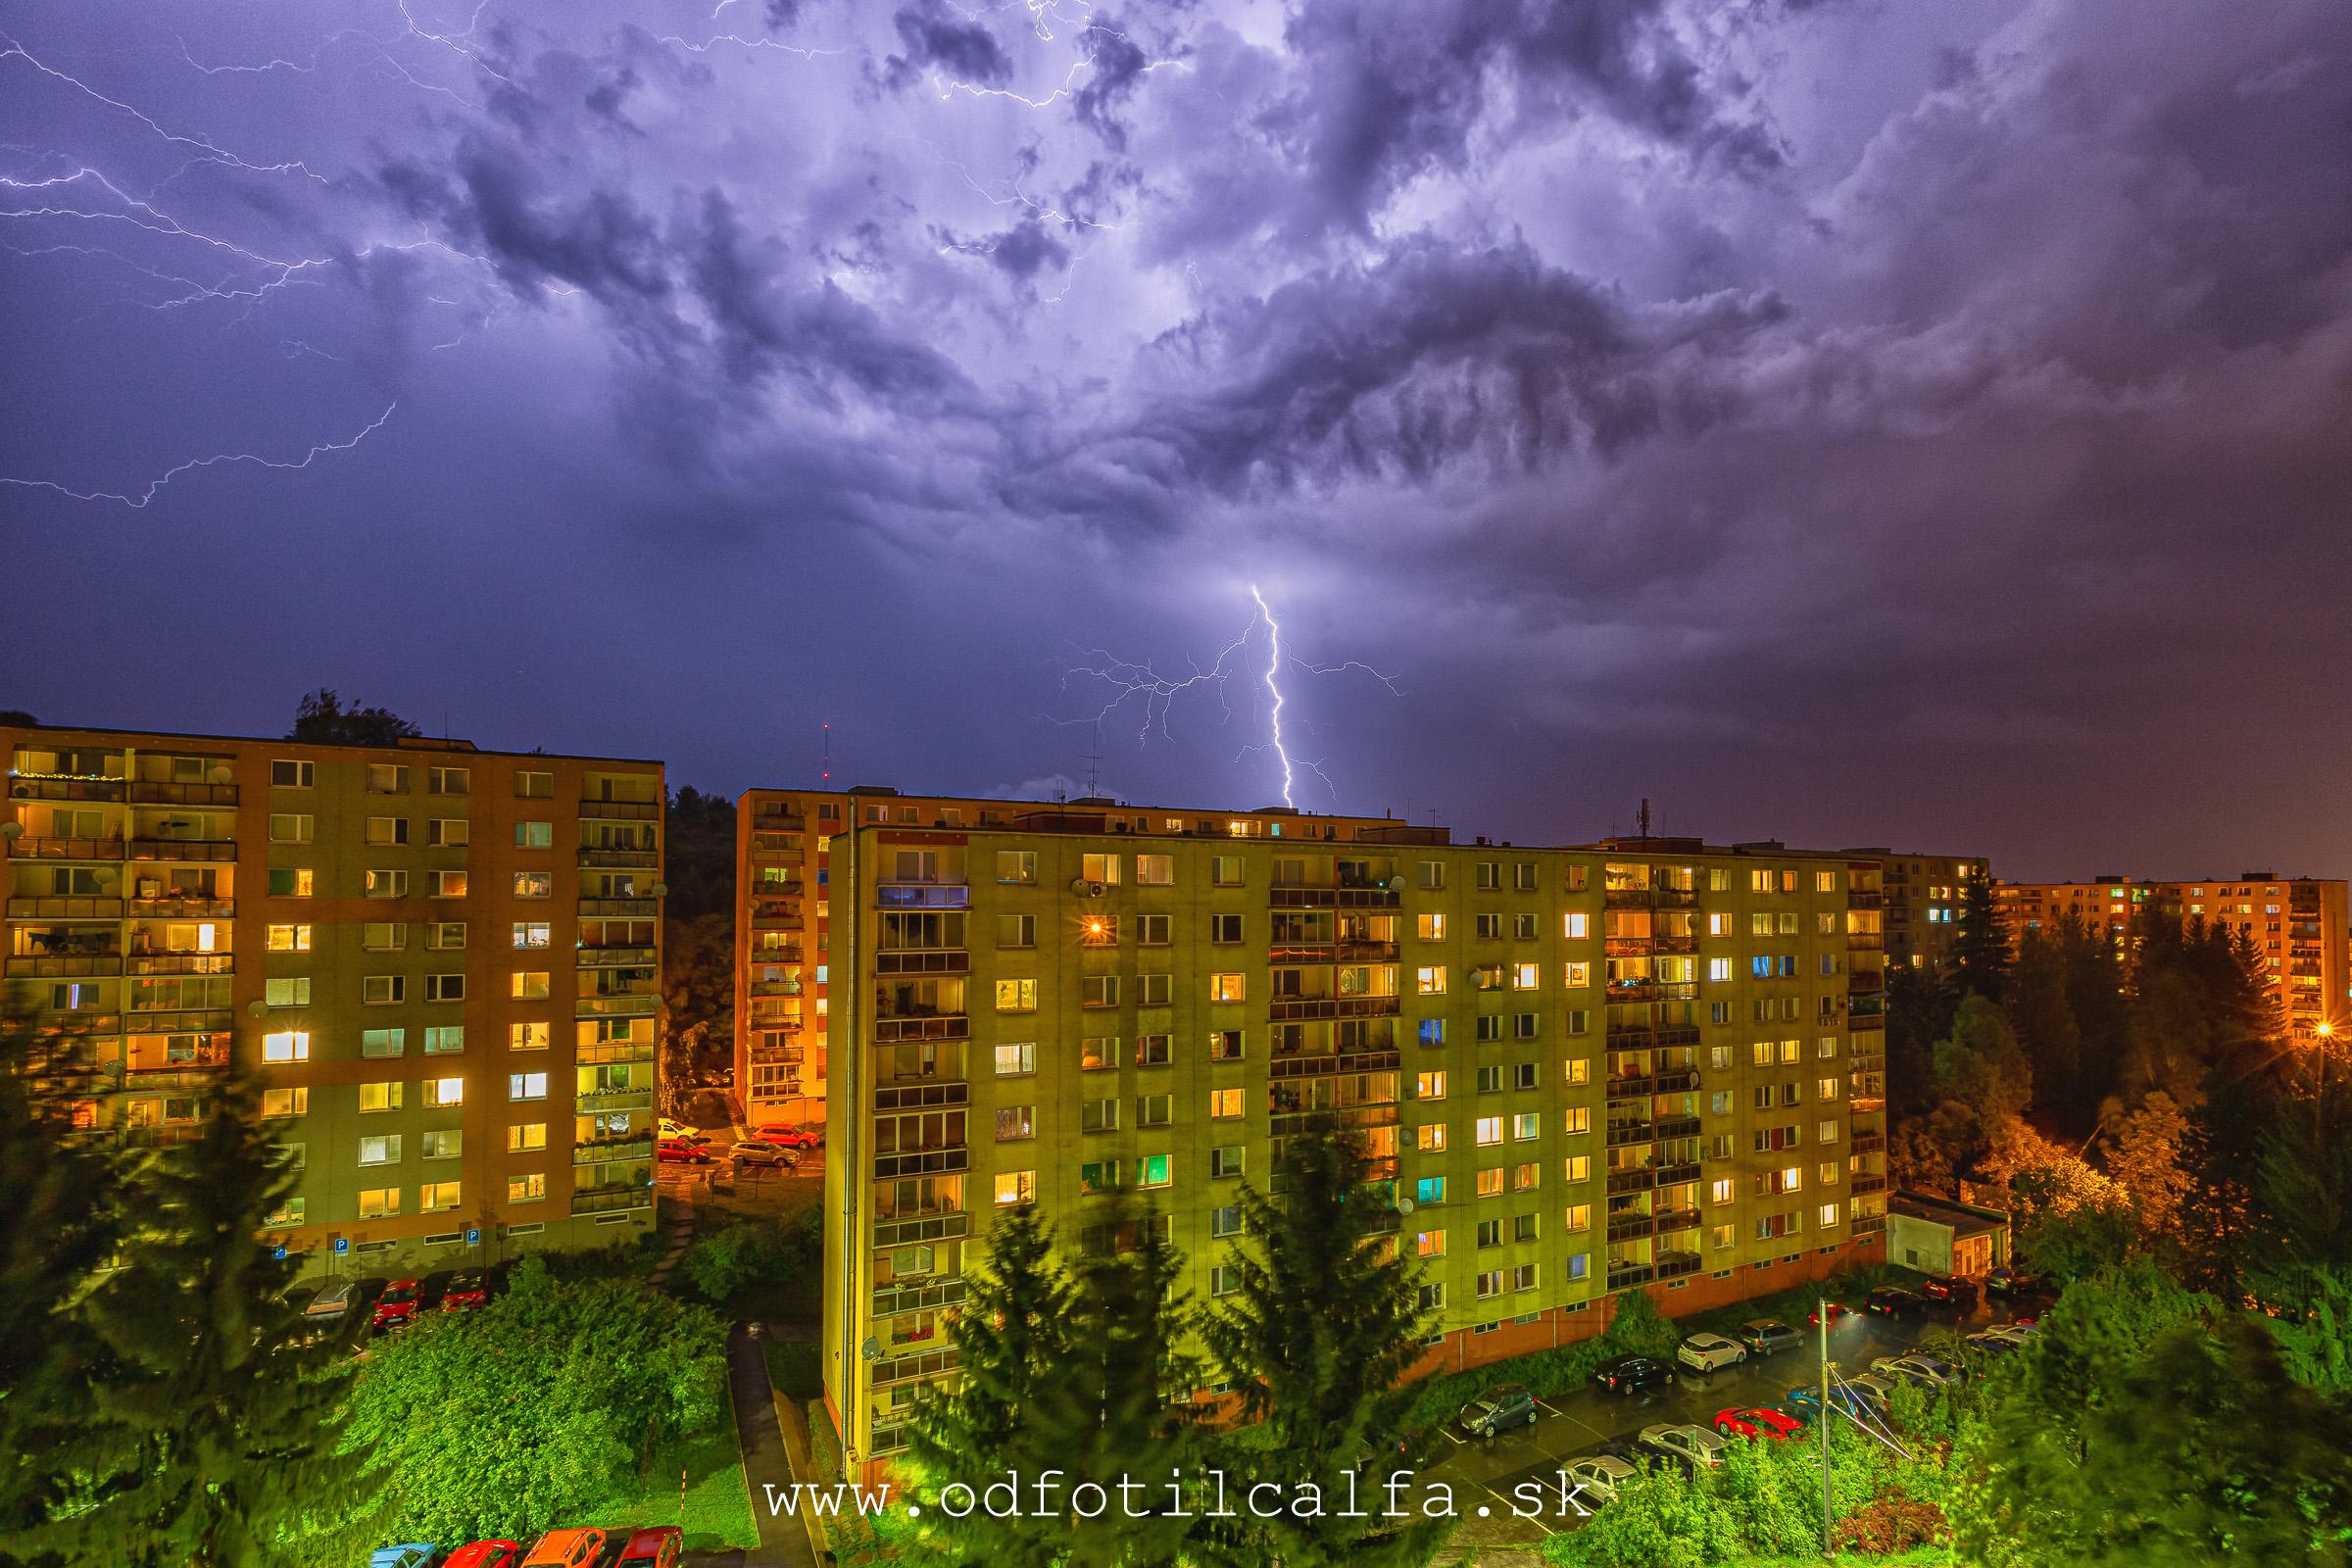 storm brka slovensko dankov stoziar blesky lightningJPG